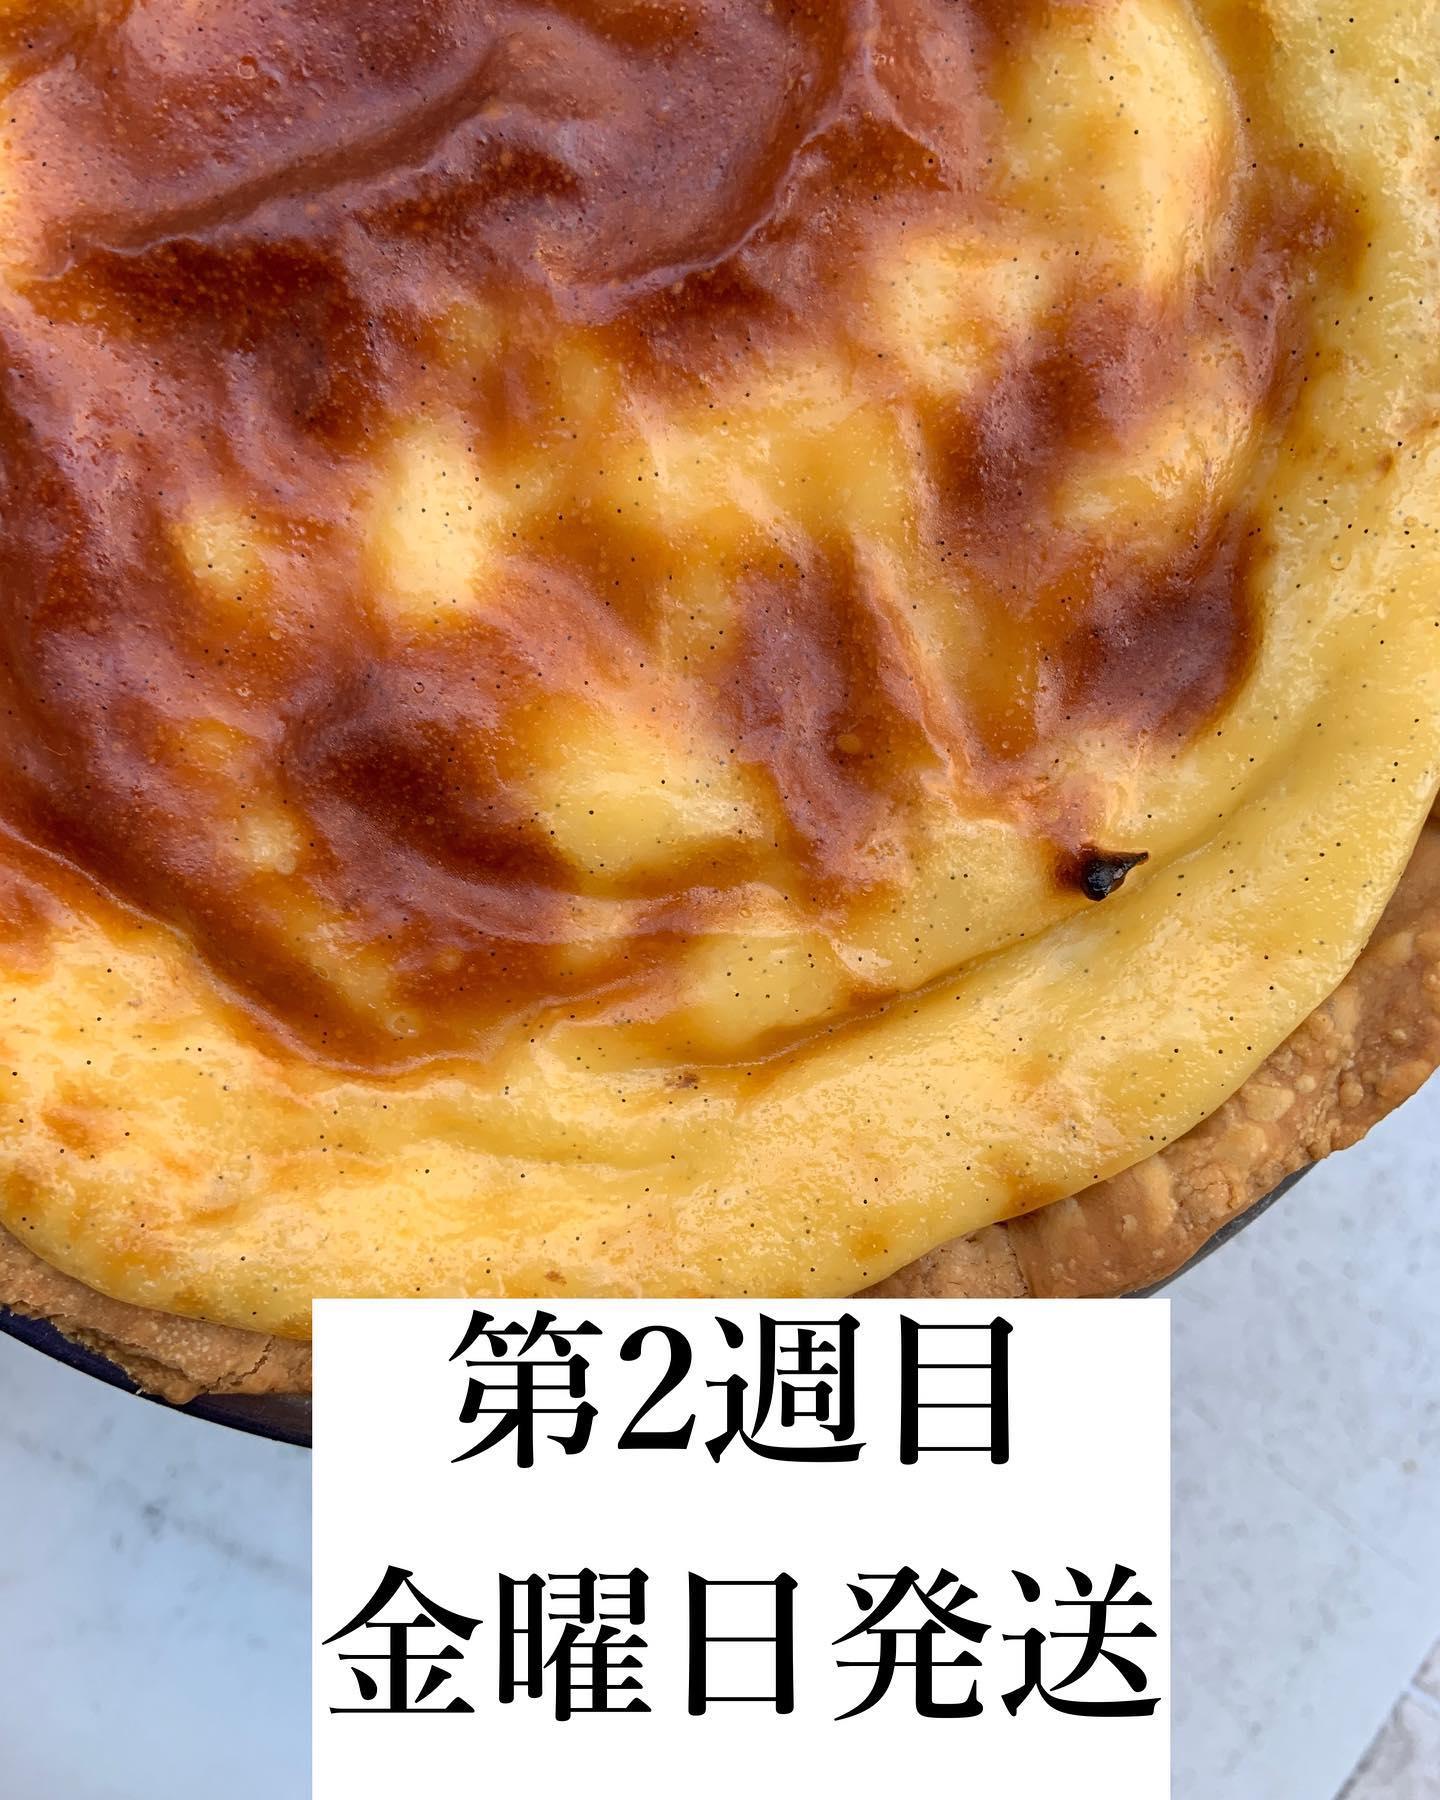 <藤野貴子のお菓子定期便のお知らせ>